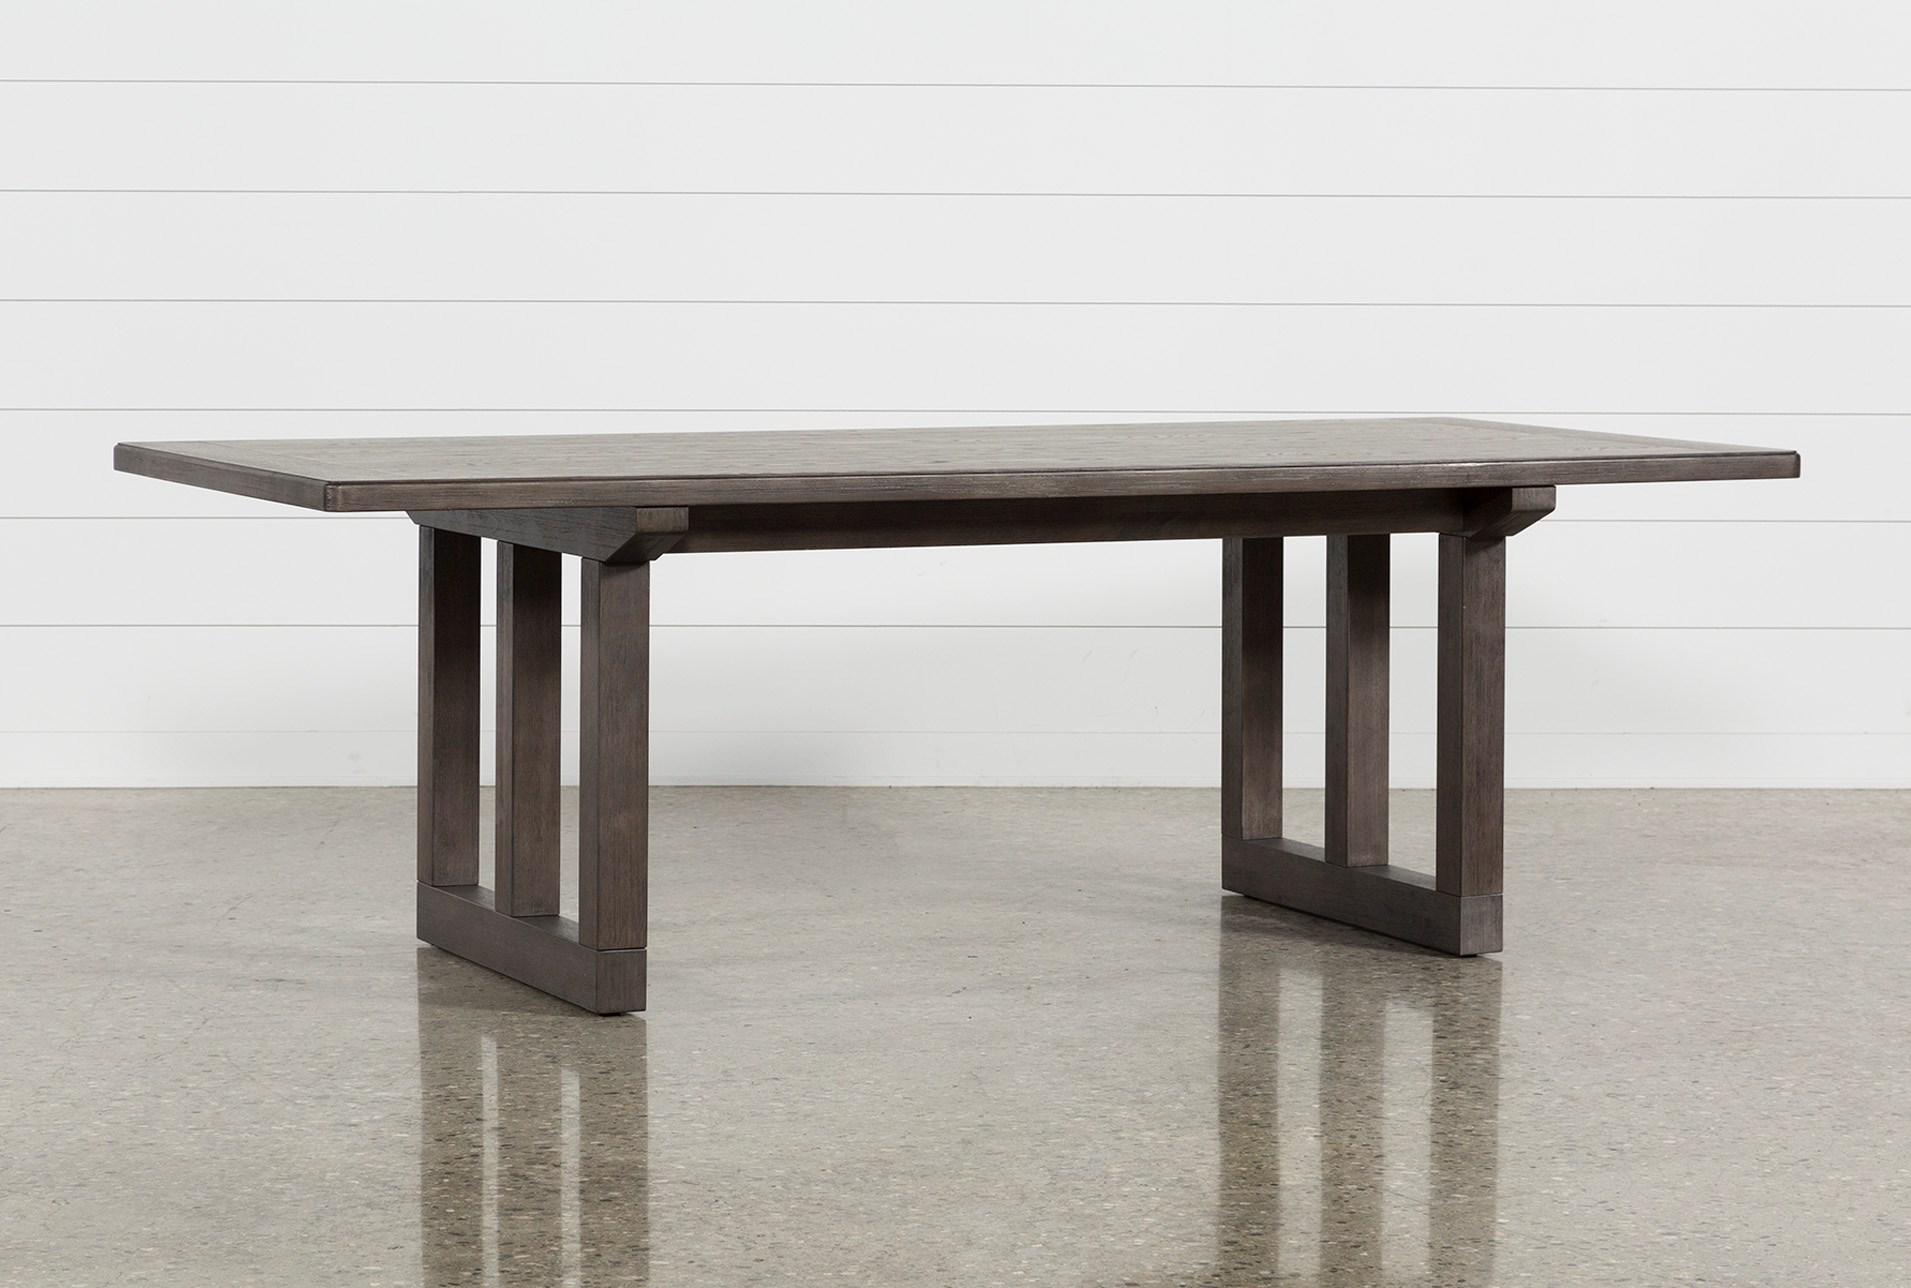 Table Kitchen Table Dining Table Dining Table Living Room Square 90x90 Sonoma